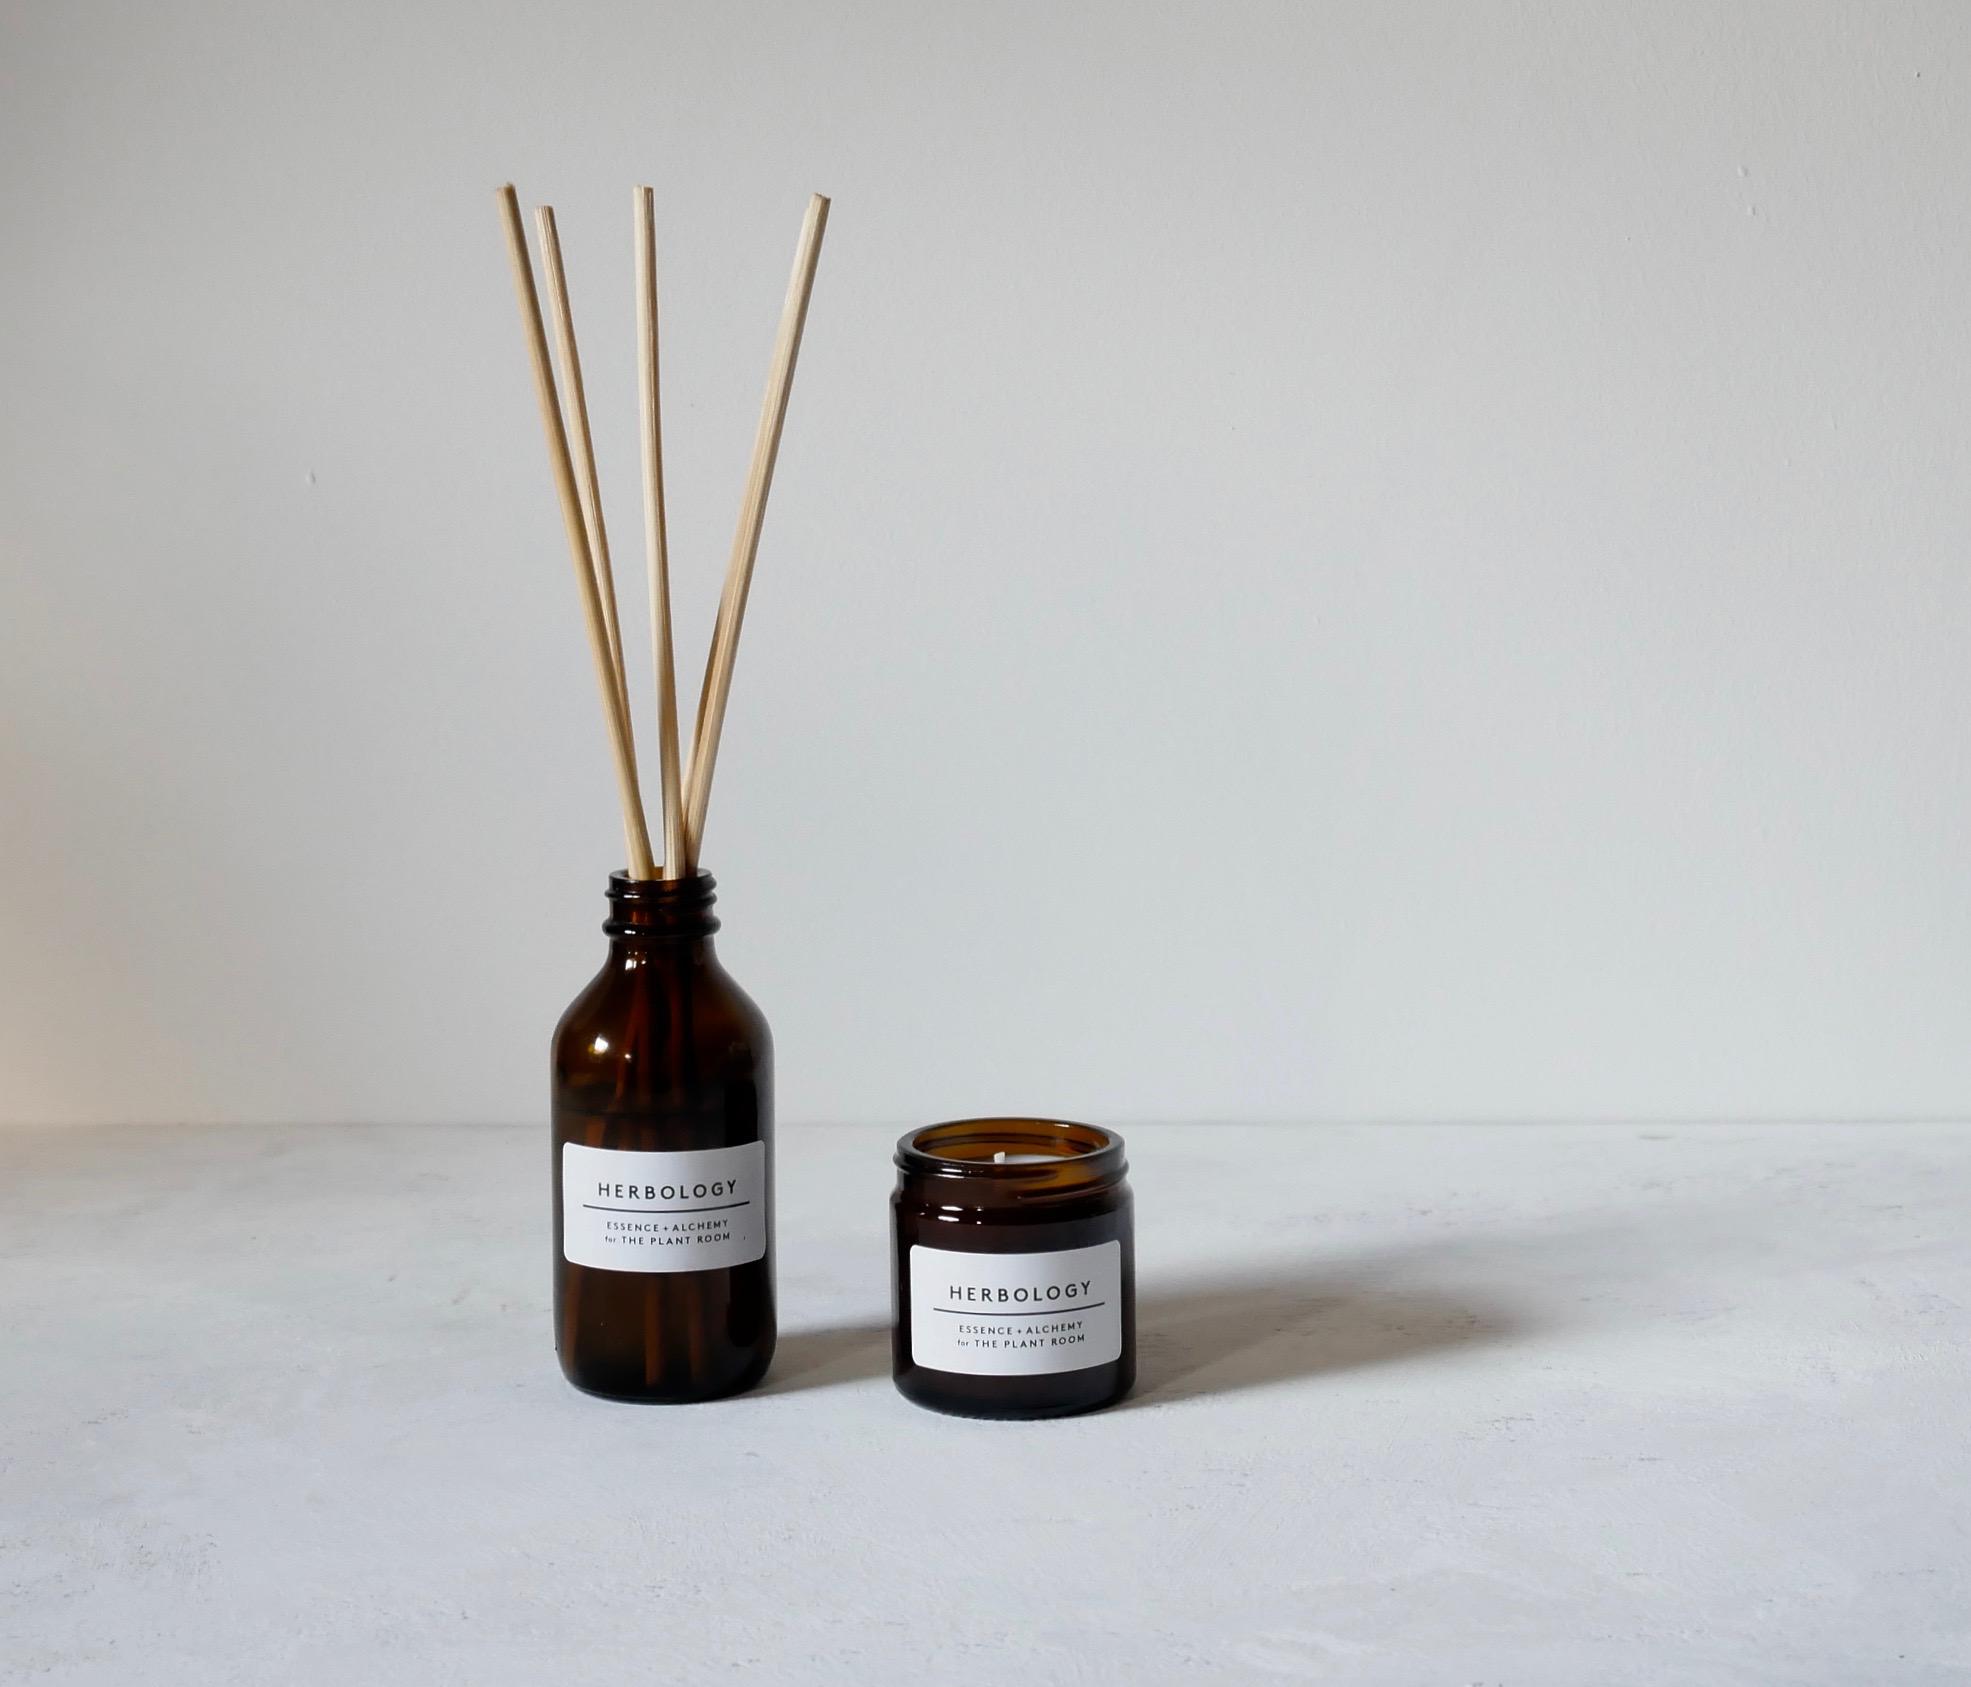 Herbology Branding -  The Archipelago